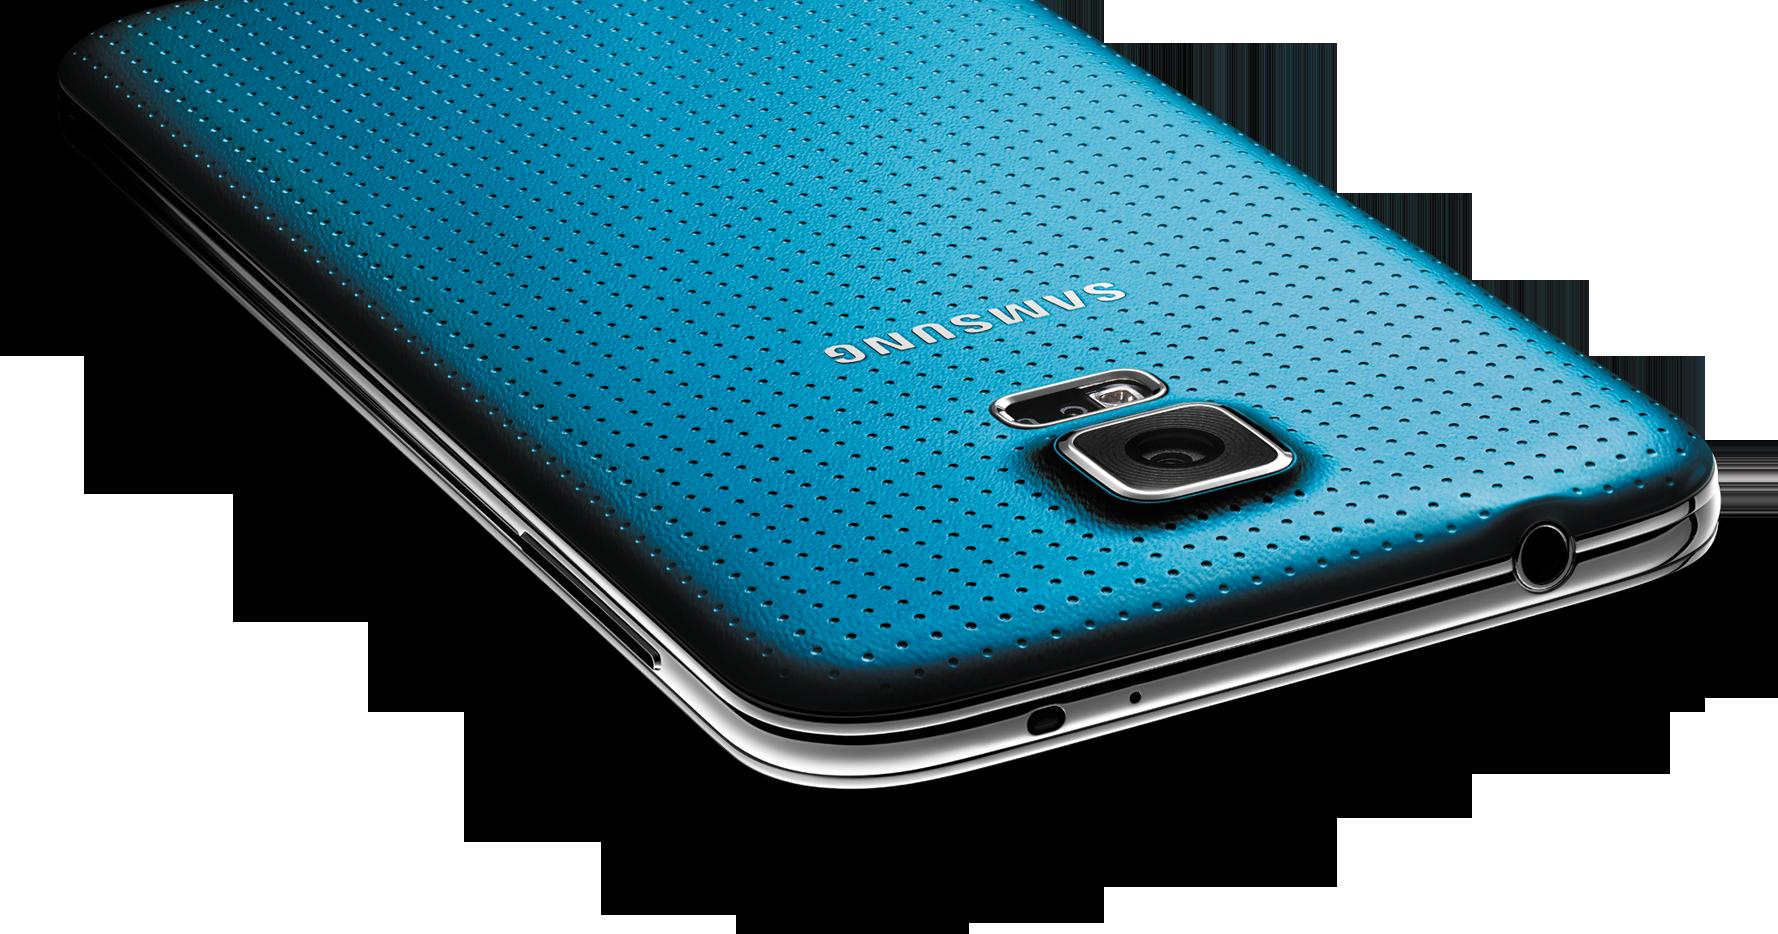 Samsung Galaxy S5 riceve l'aggiornamento di sicurezza di settembre